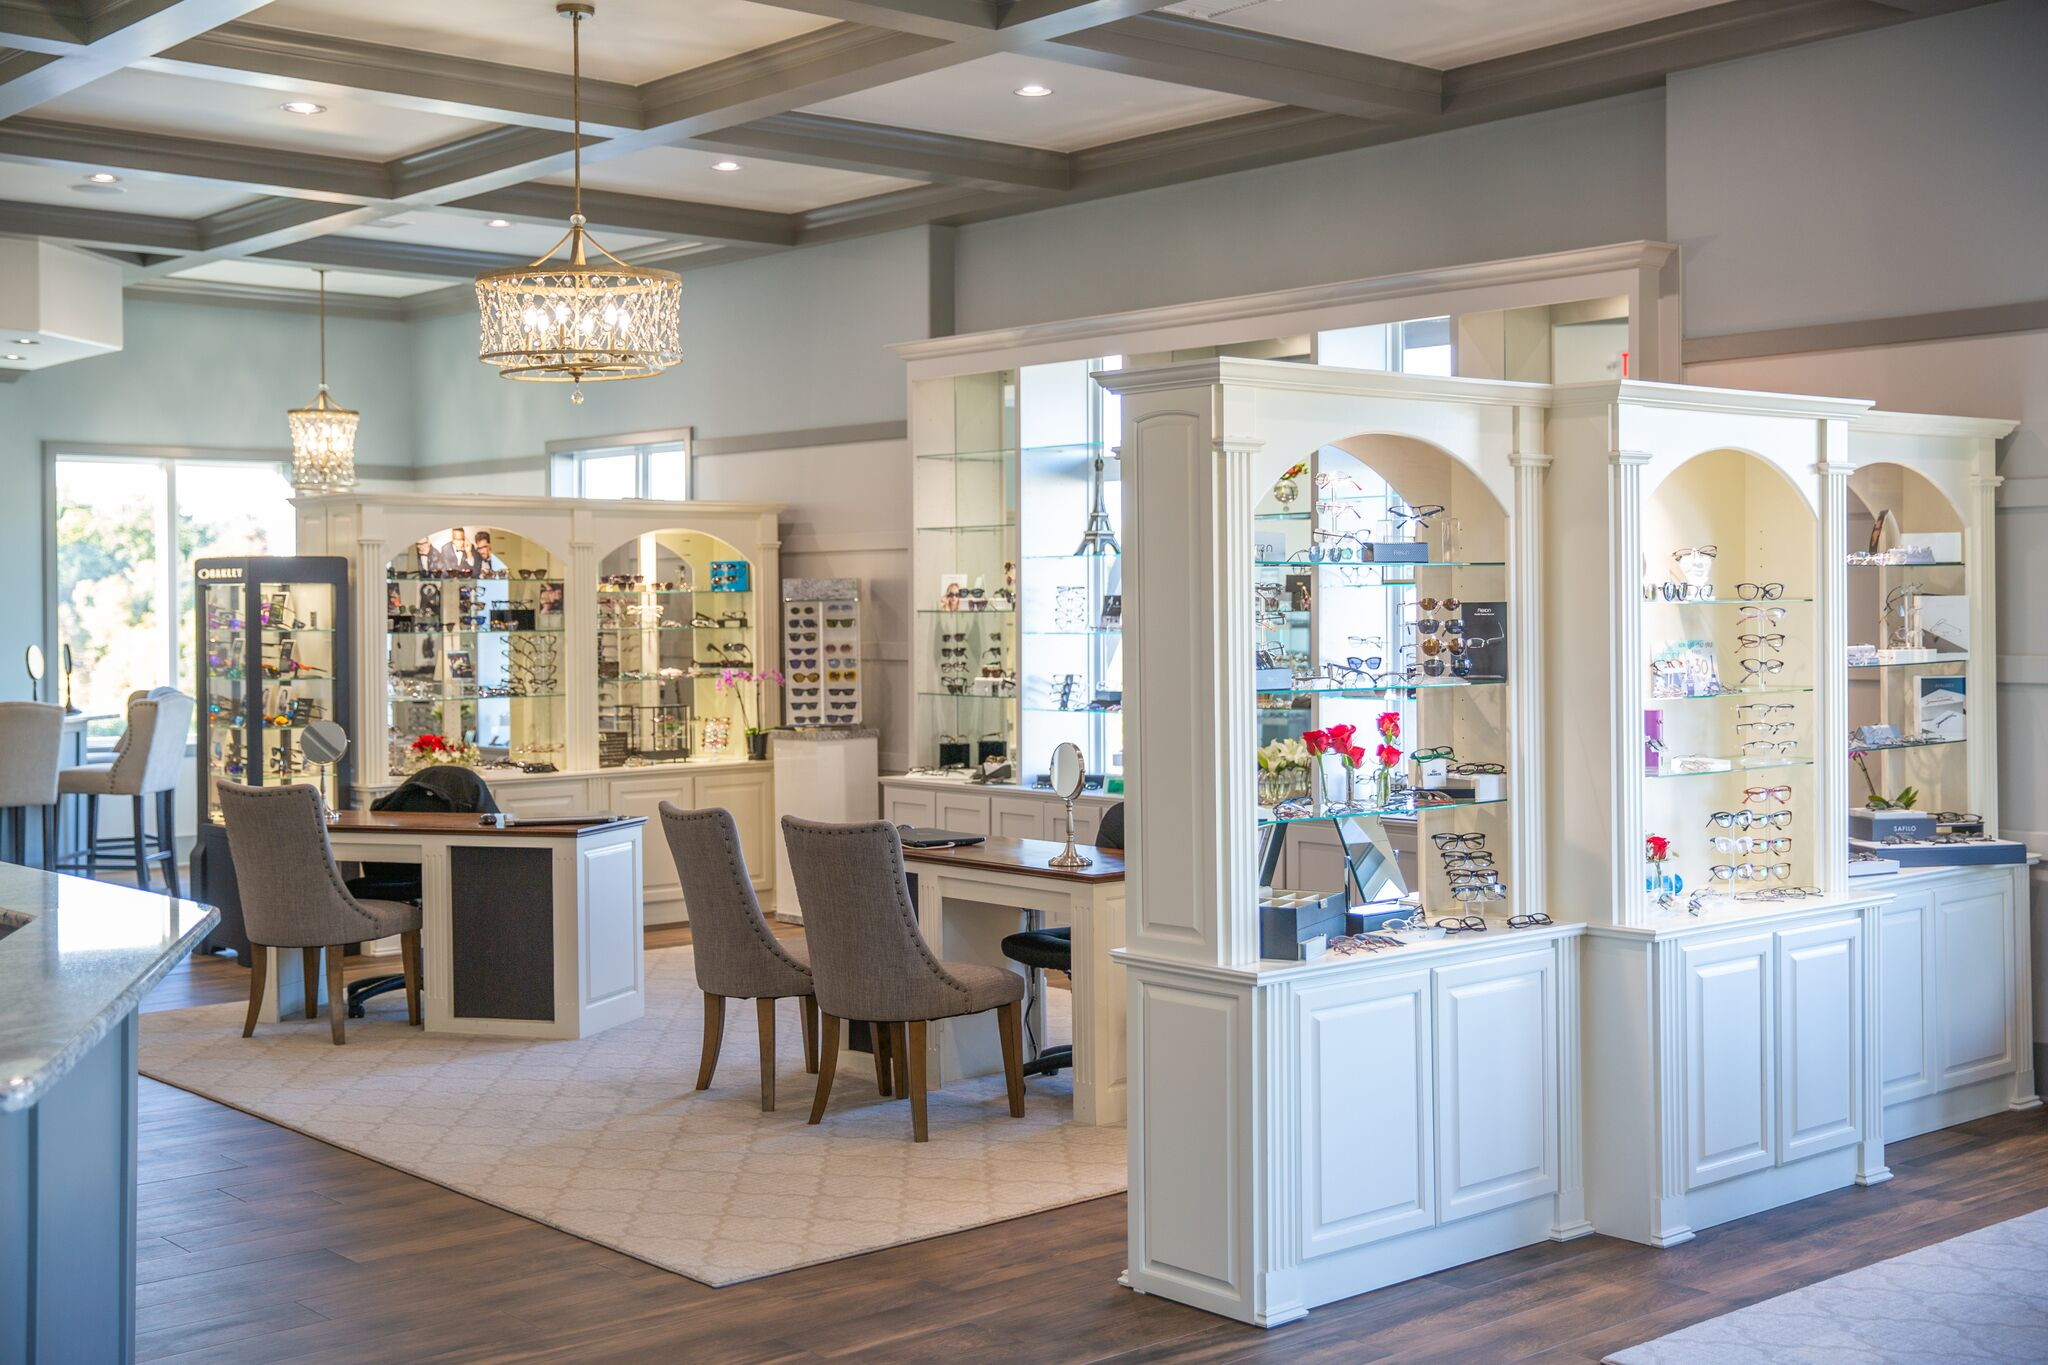 2020 Eyecare Optical Showroom